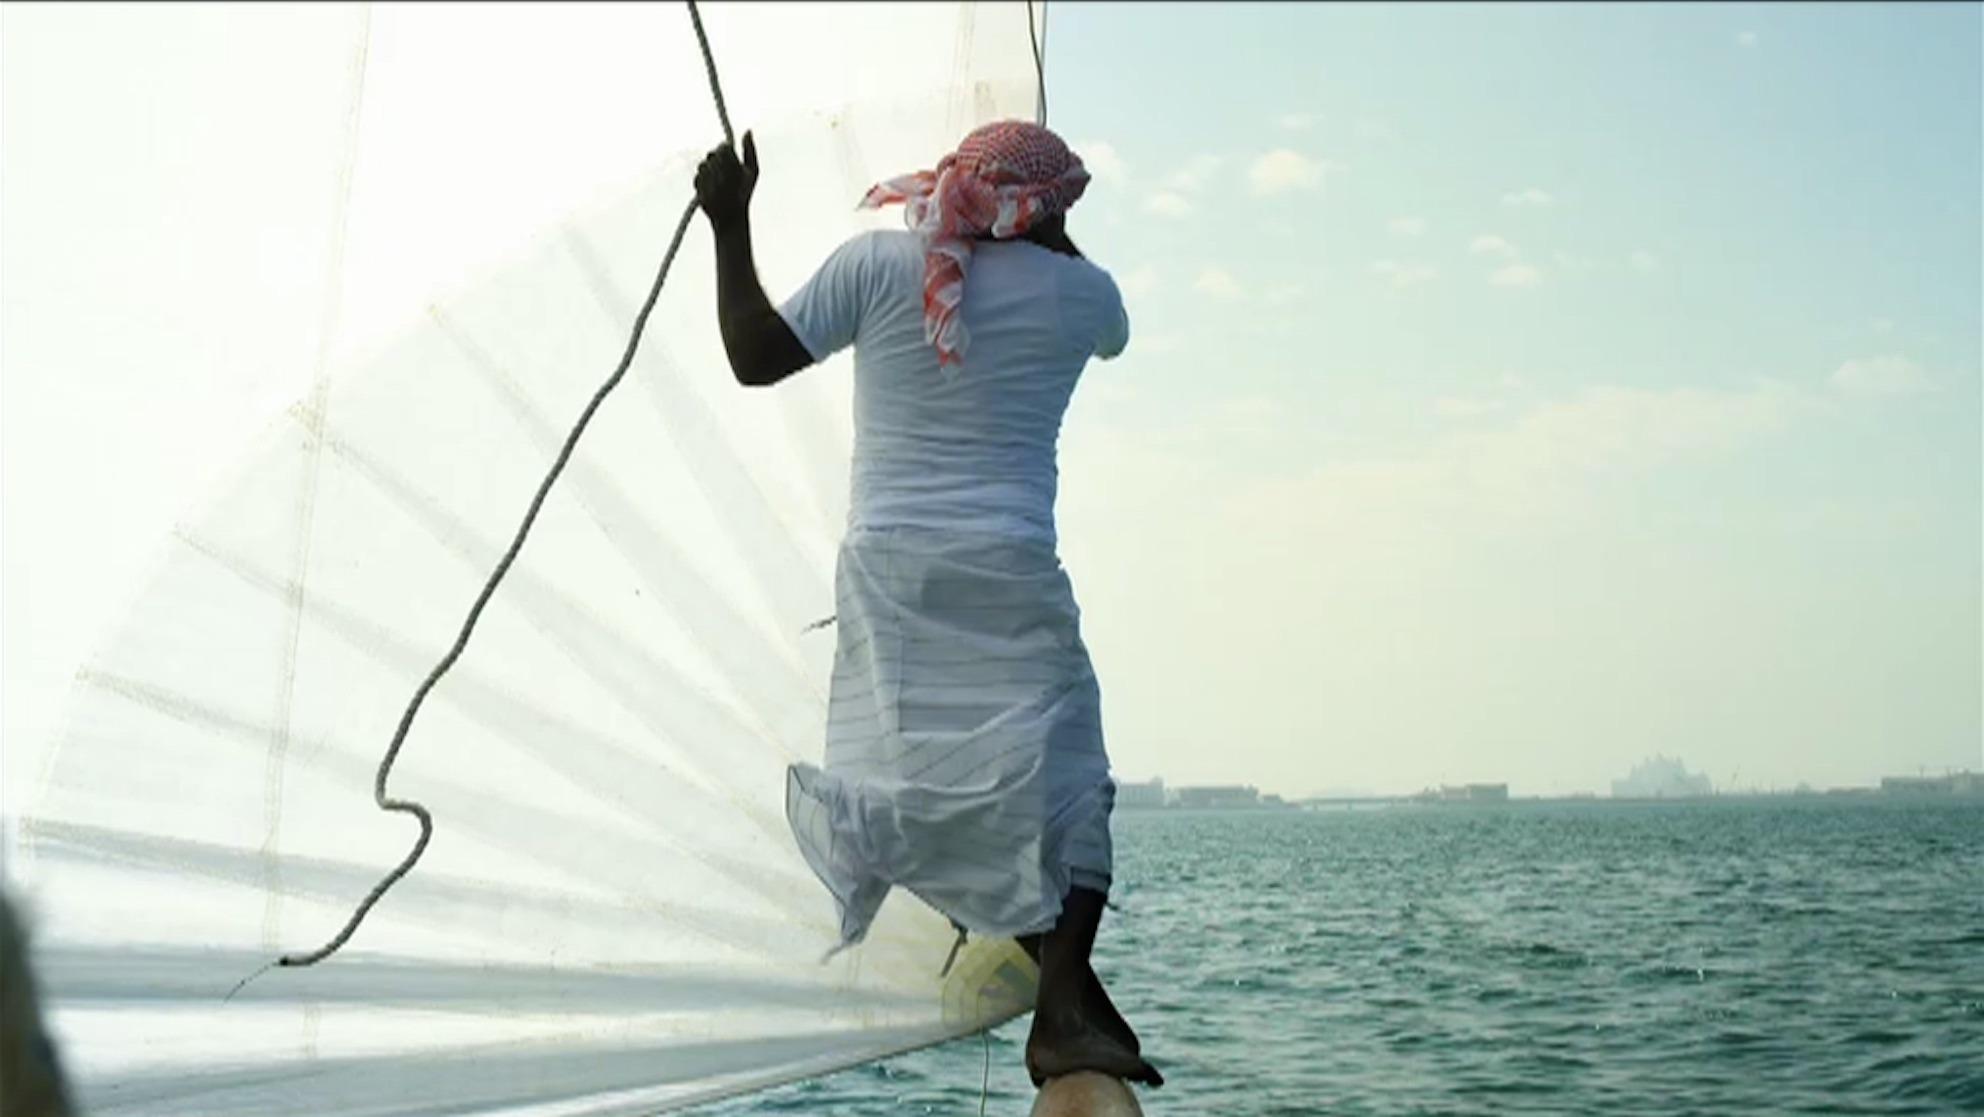 Dubai - Footprint